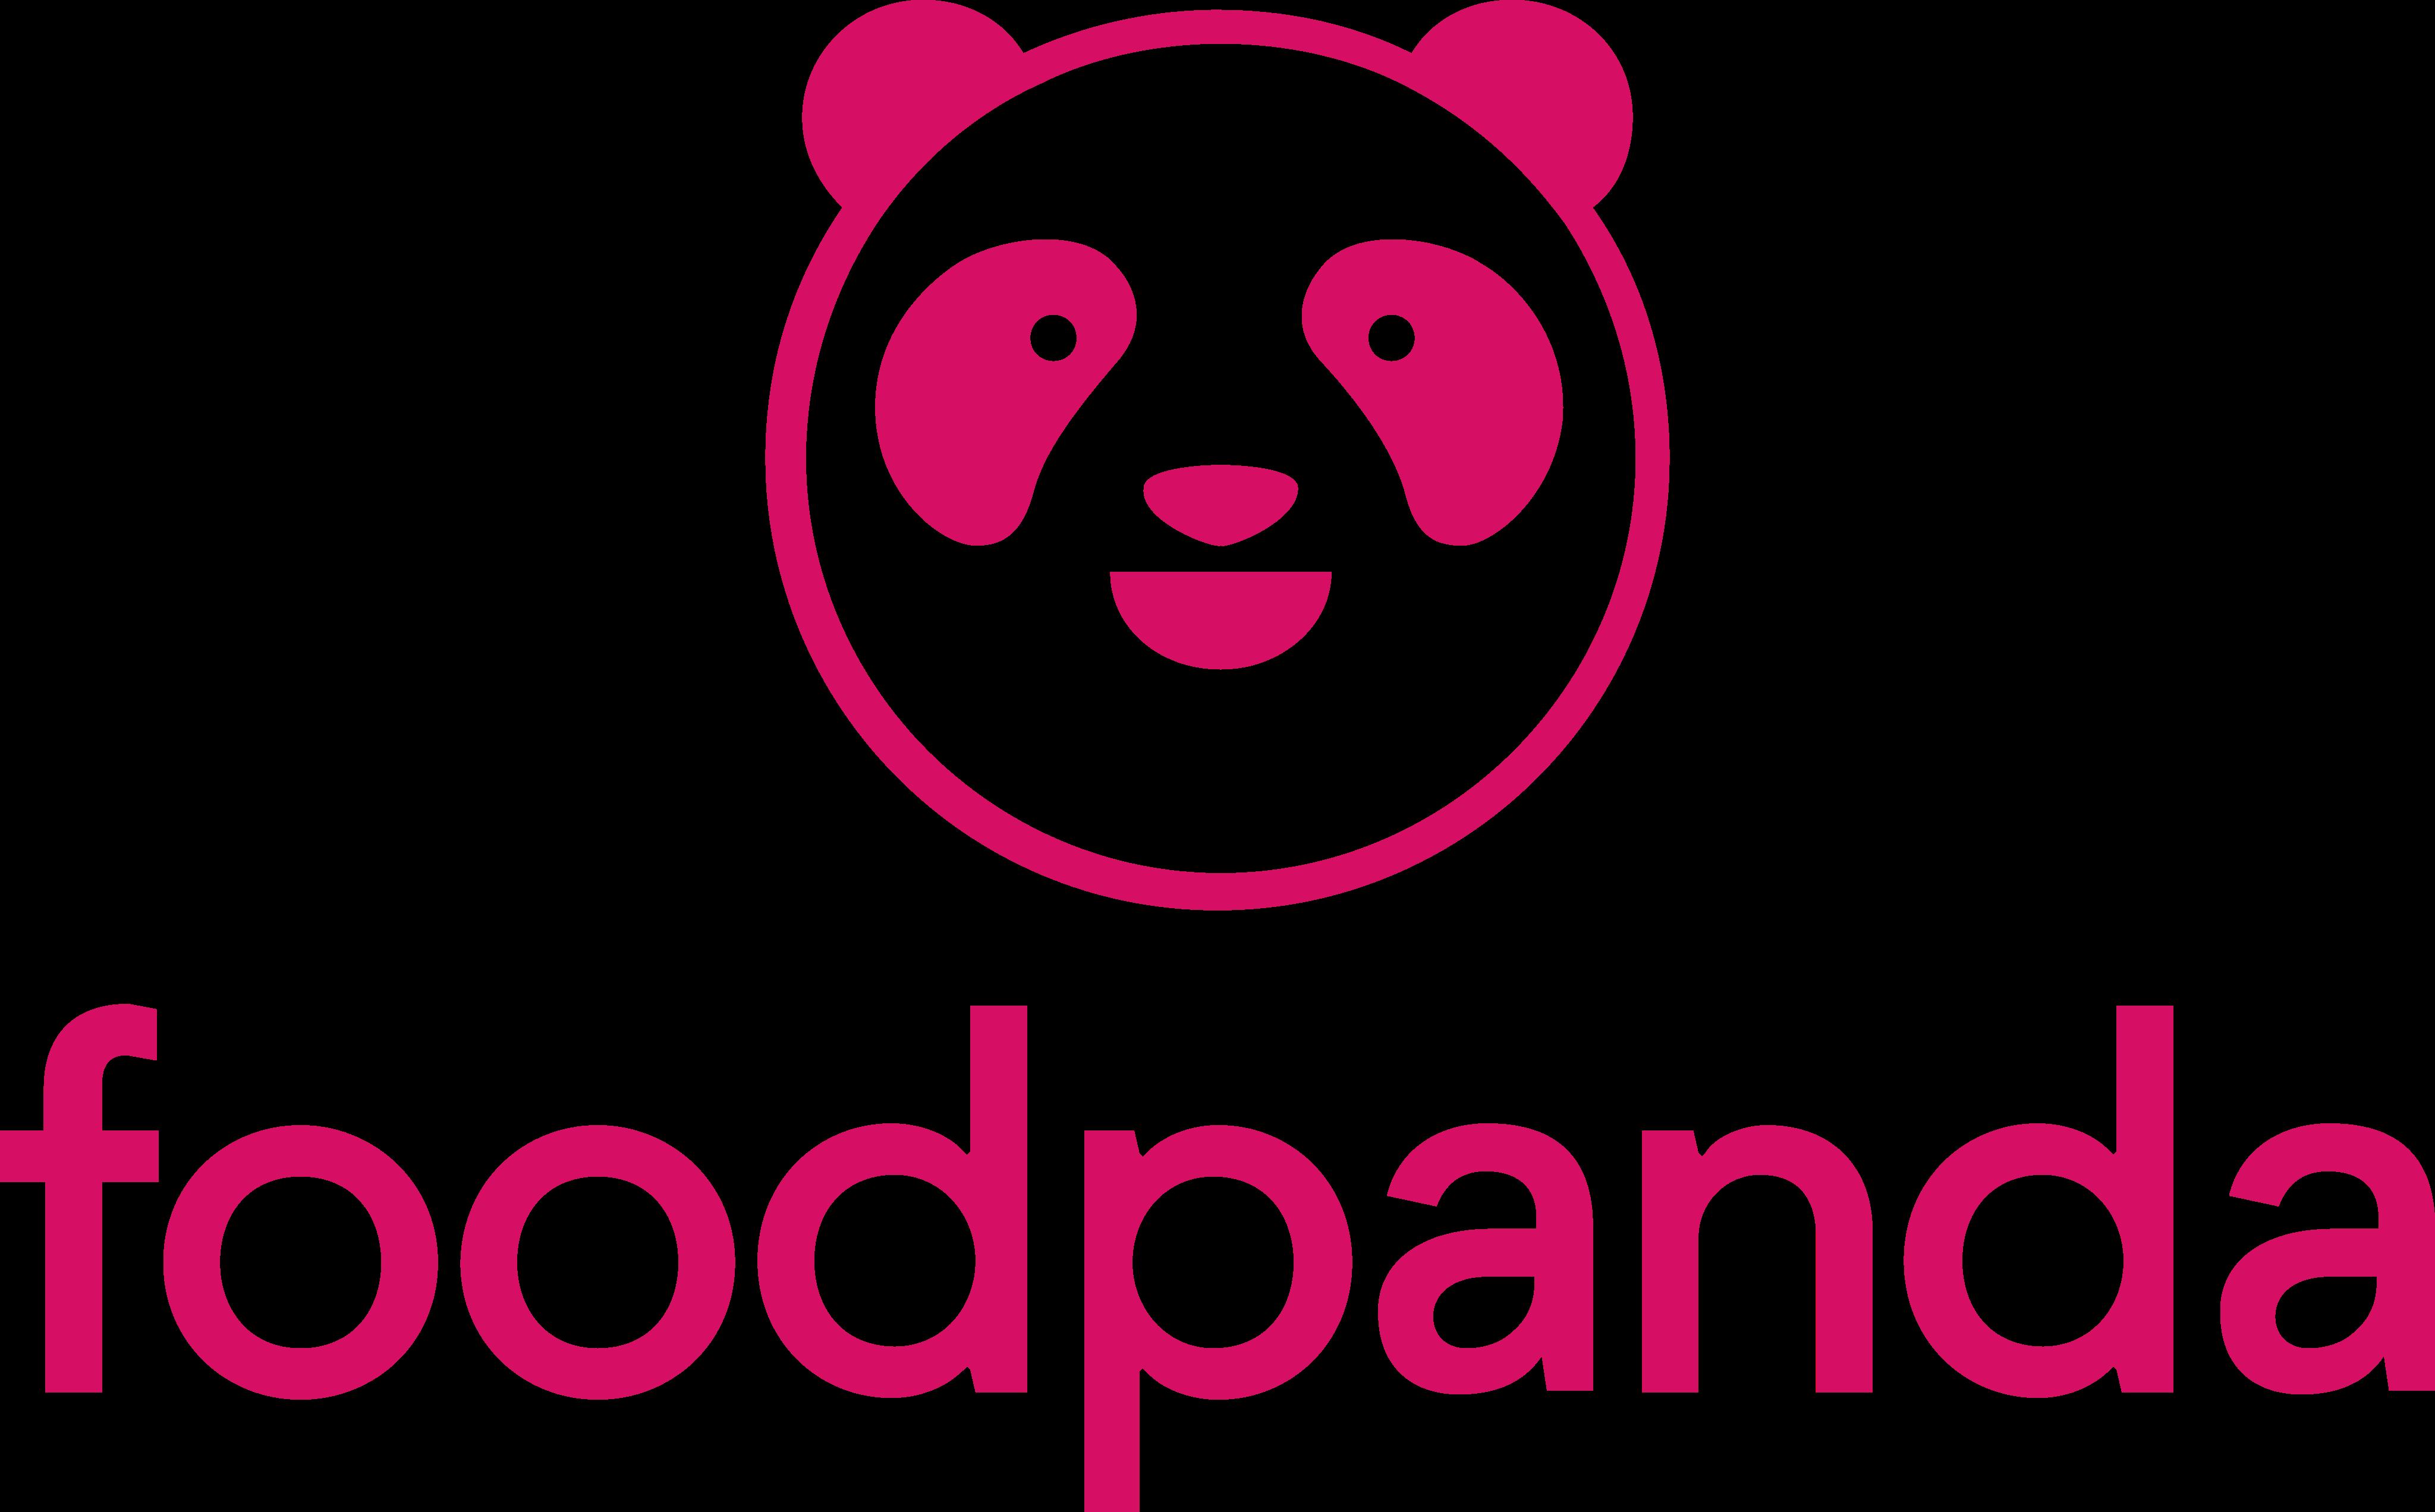 Foodpanda 2